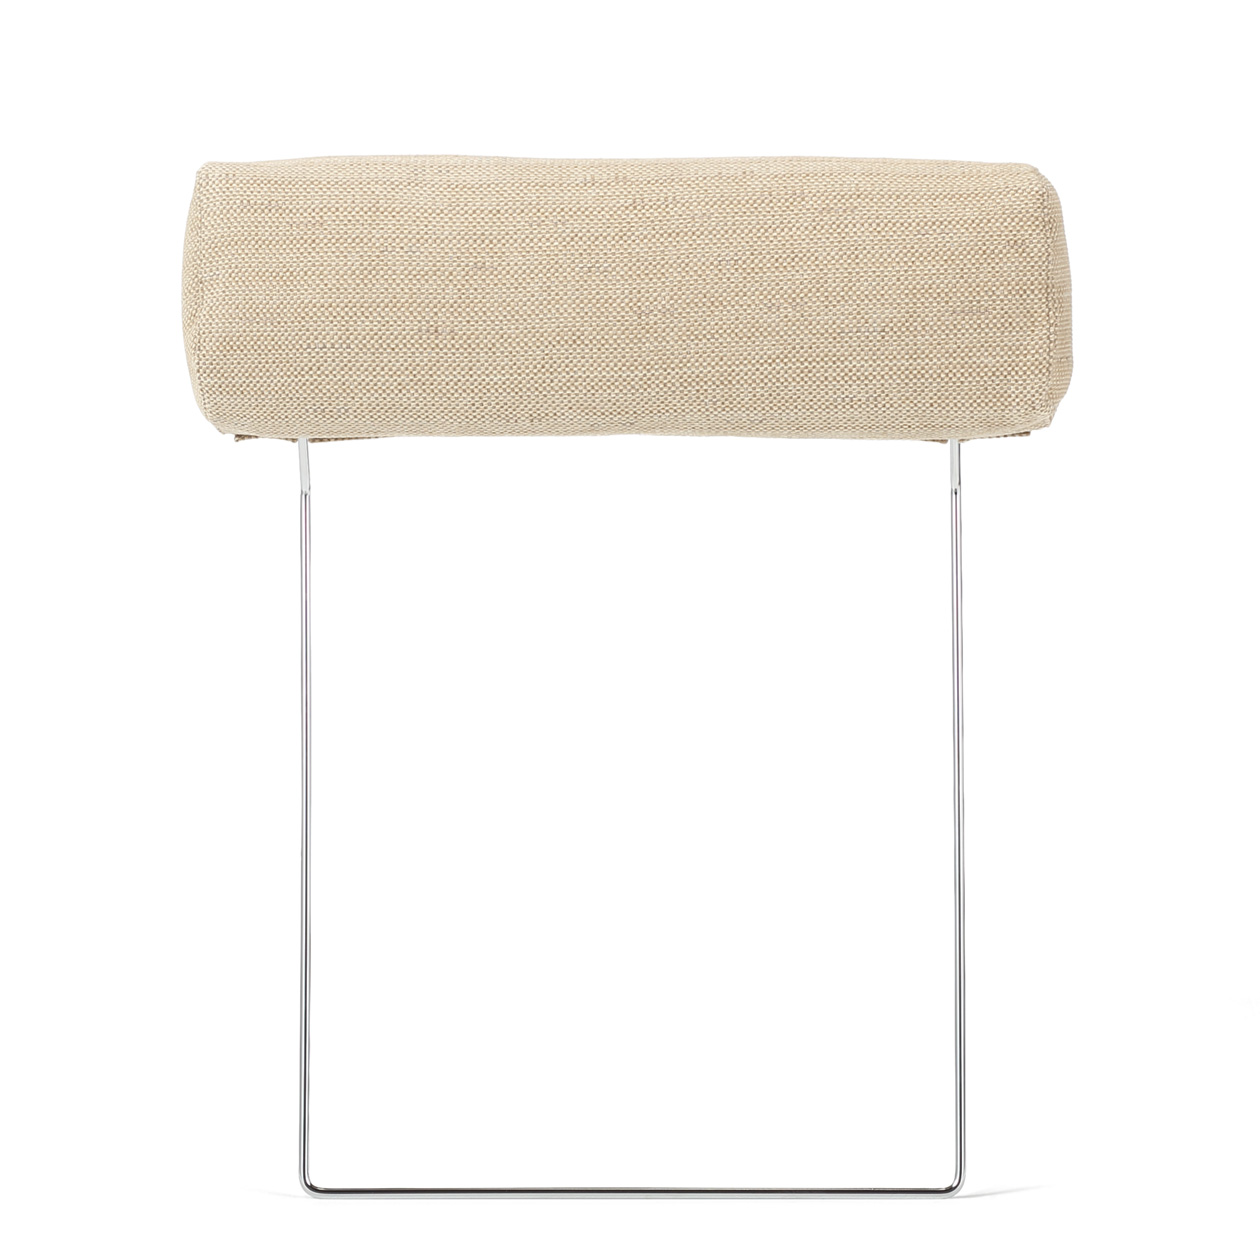 綿ポリエステル変り織ソファ本体・ヘッドレスト・2シーター用カバー/ベージュ 2シーター用/ベージュ